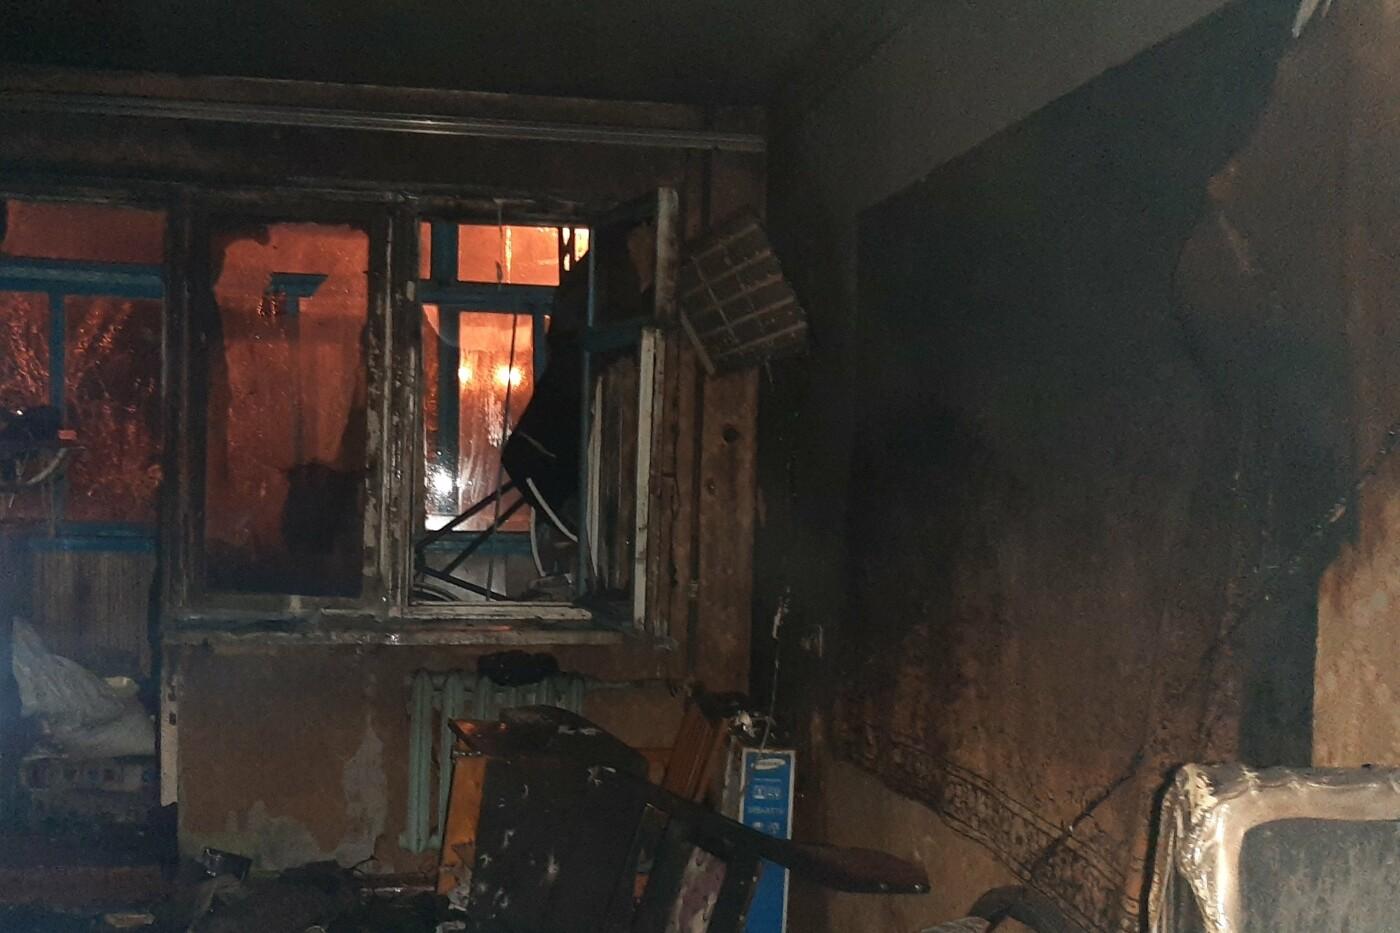 В Харькове загорелся пятиэтажный дом: спасатели эвакуировали пять человек, есть пострадавший, - ФОТО, фото-2